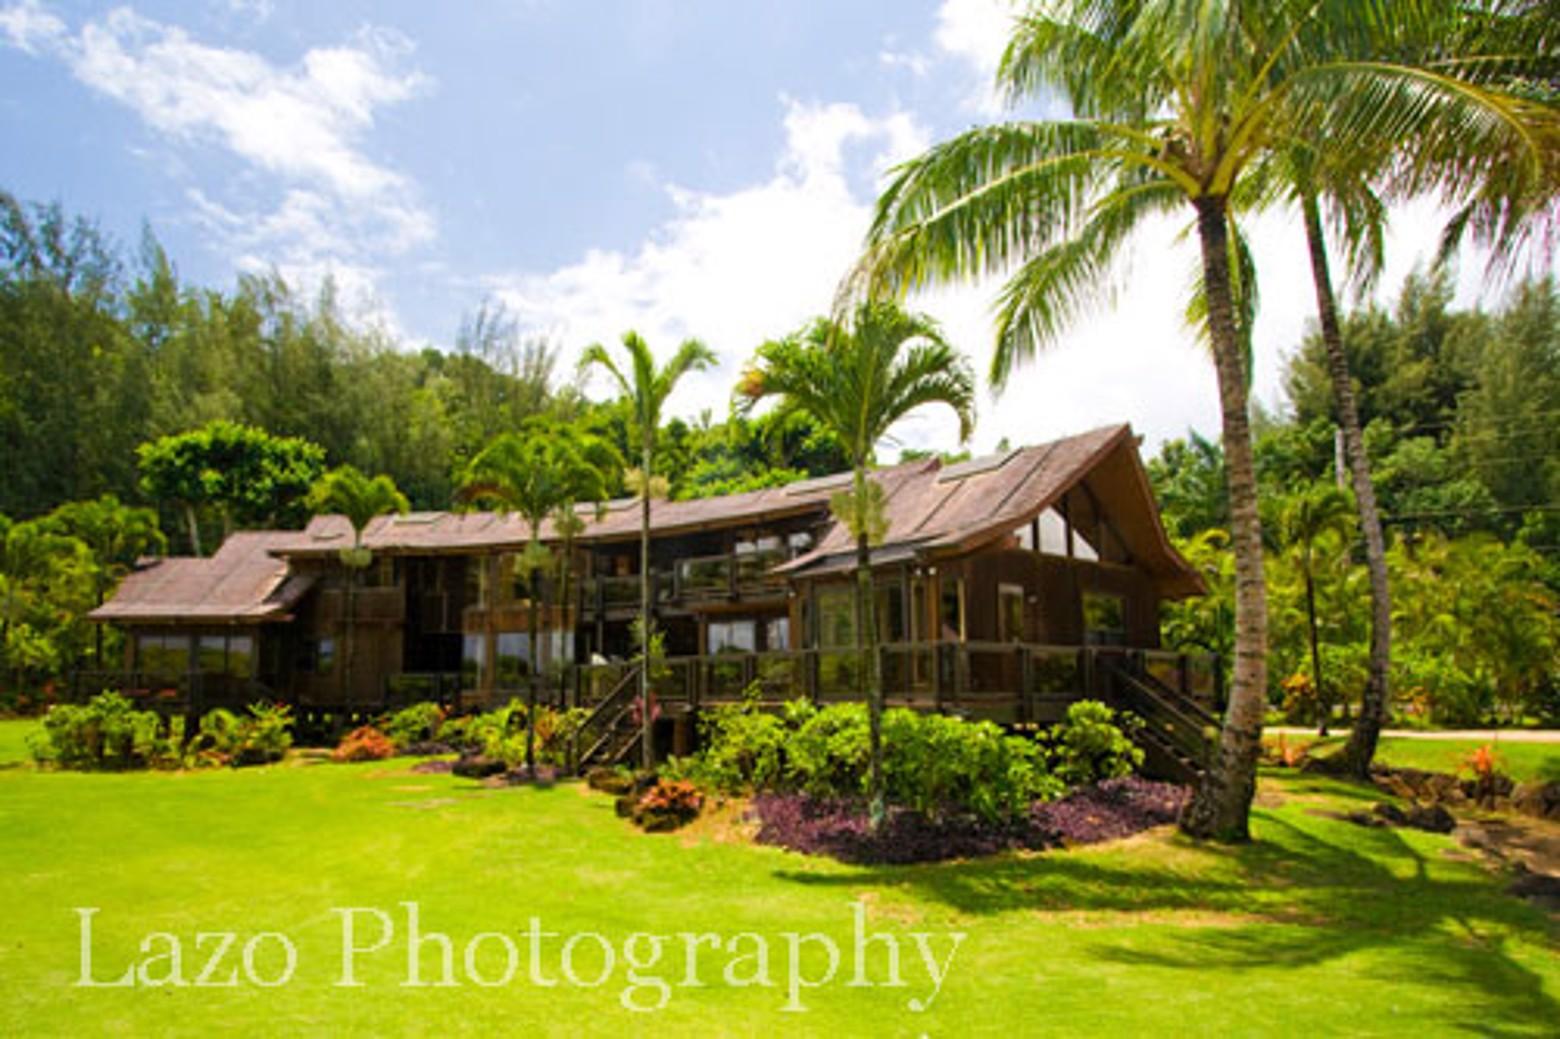 hawaii_1.jpg image